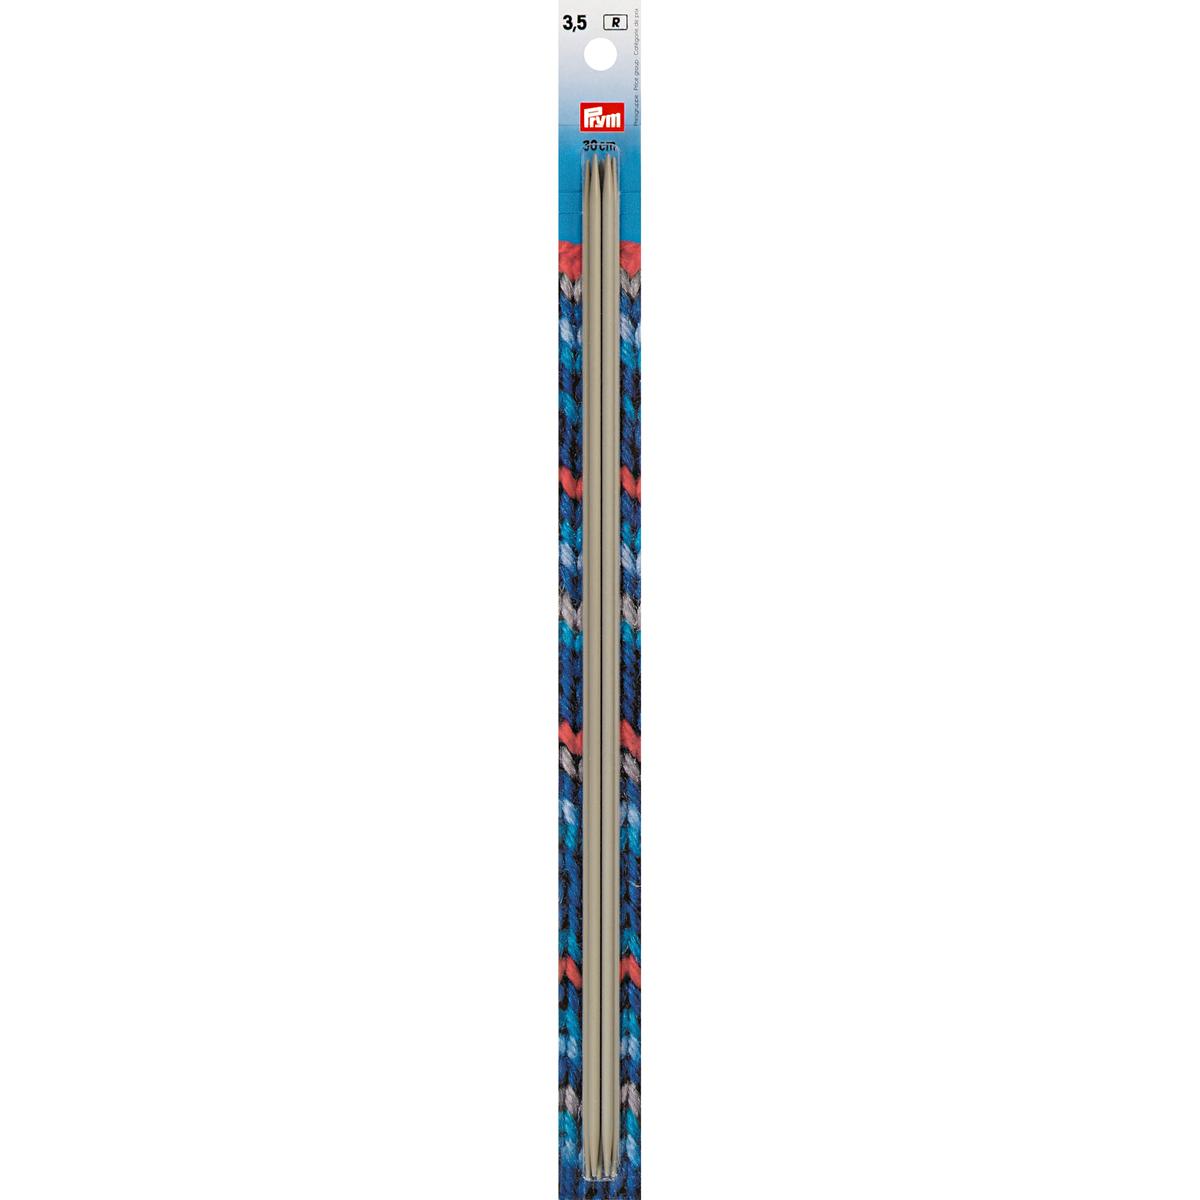 191558 Спицы чулочные, алюминий, жемчужно- серый, 30 см*3,5 мм, упак./5 шт., Prym